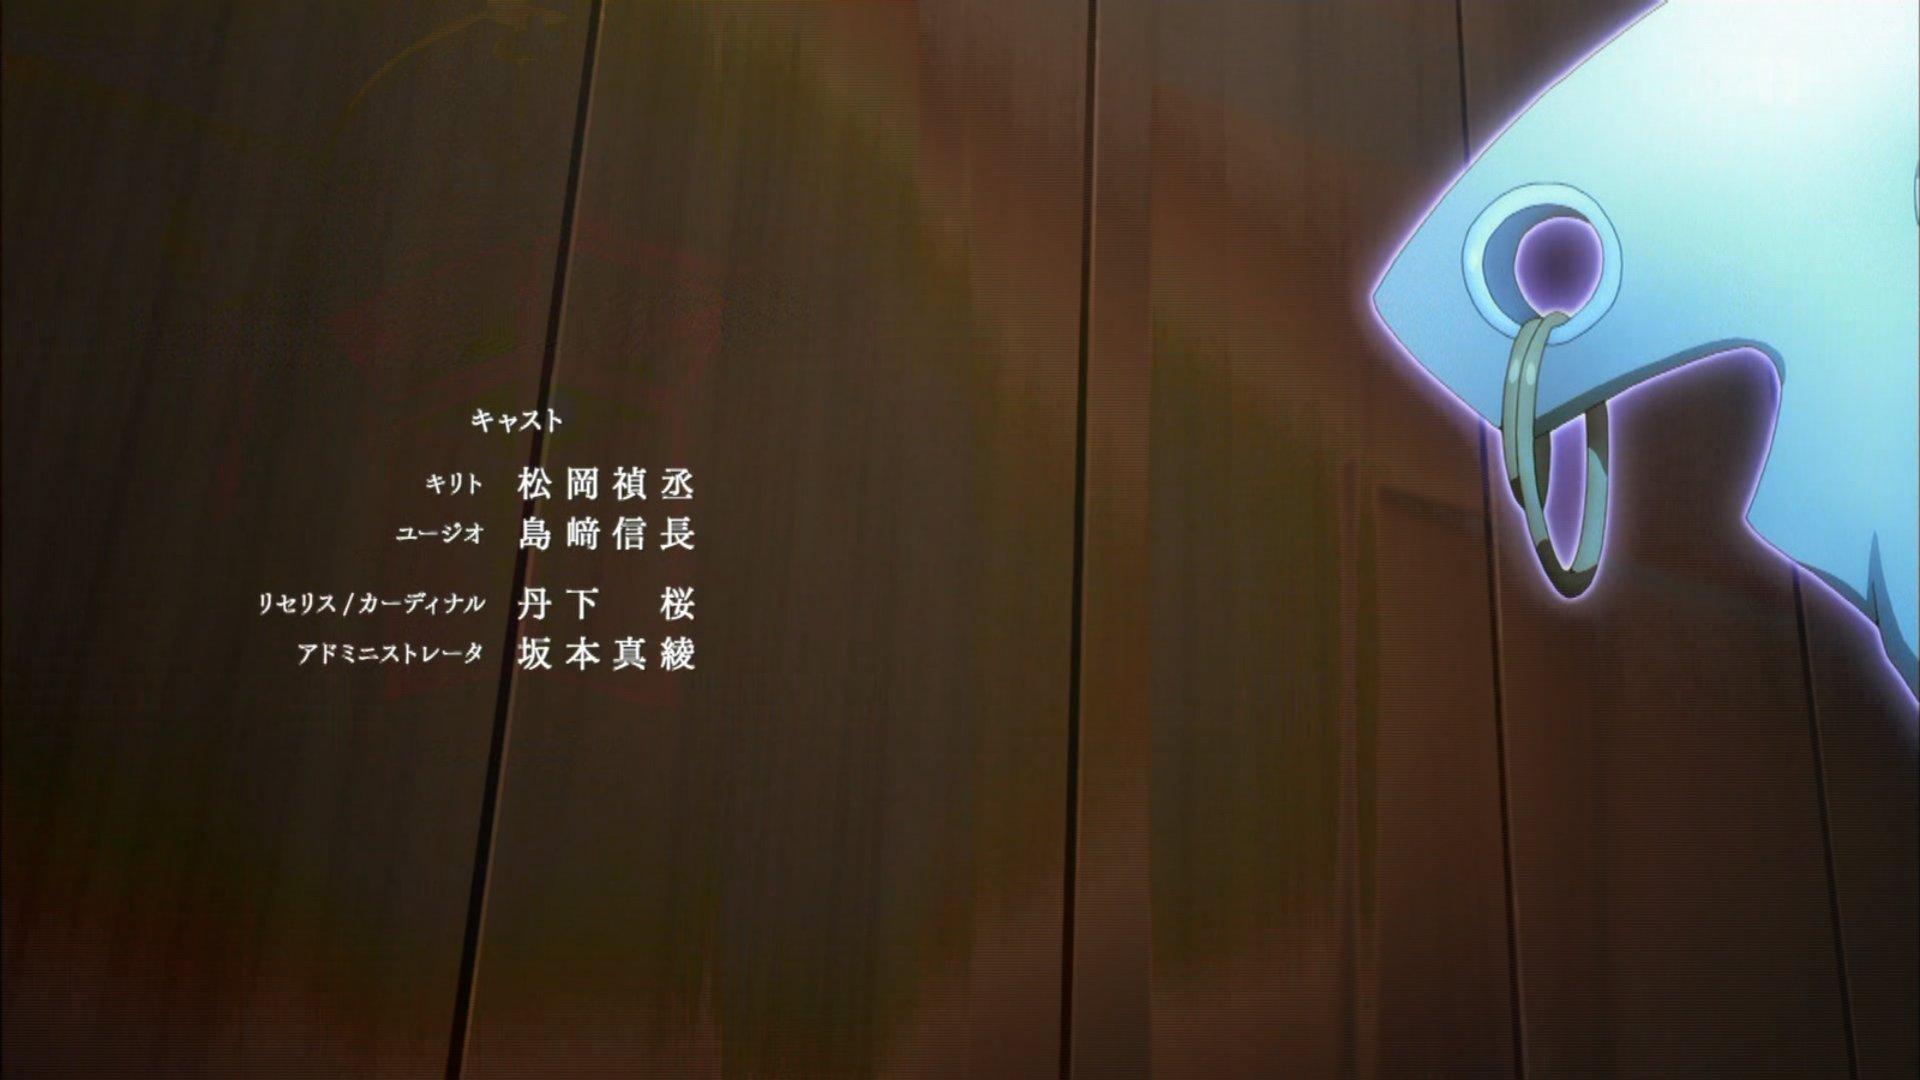 キャスト #sao_anime #bs11 https://t.co/7GF8hUubjO